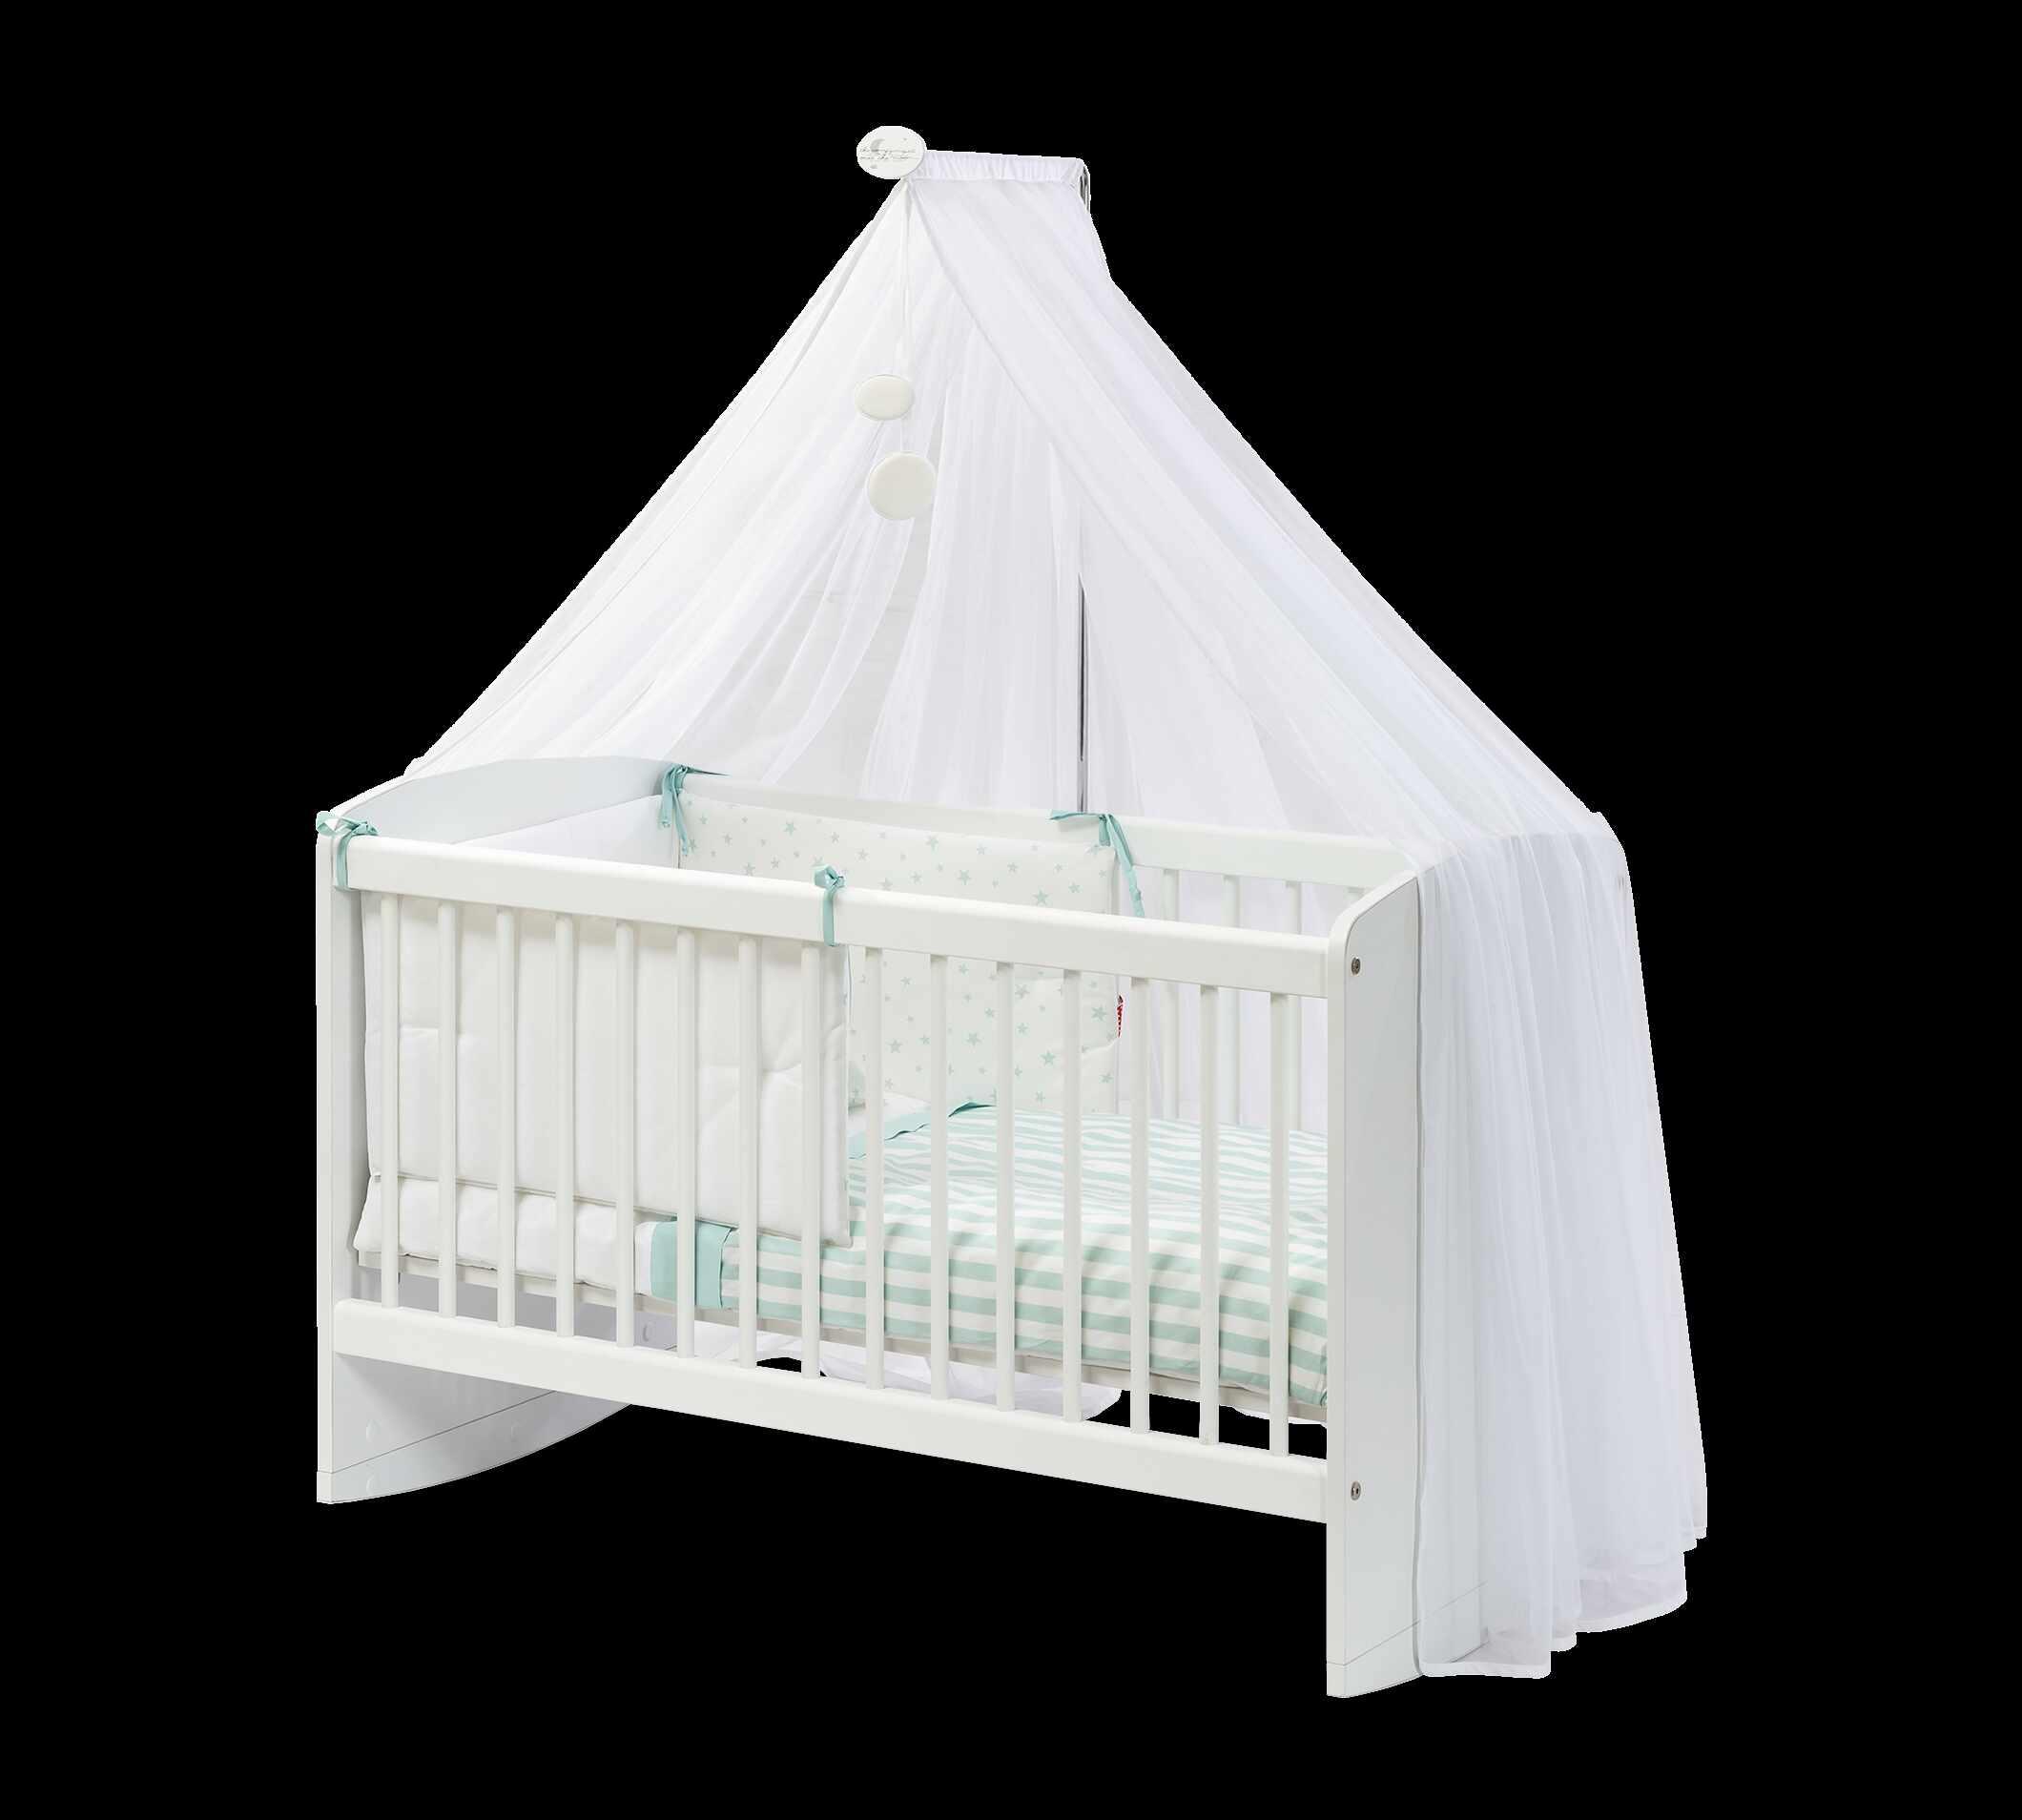 Patut din pal cu sistem de leganare, pentru bebe Cradle Baby Alb, 100 x 50 cm la pret 832 lei